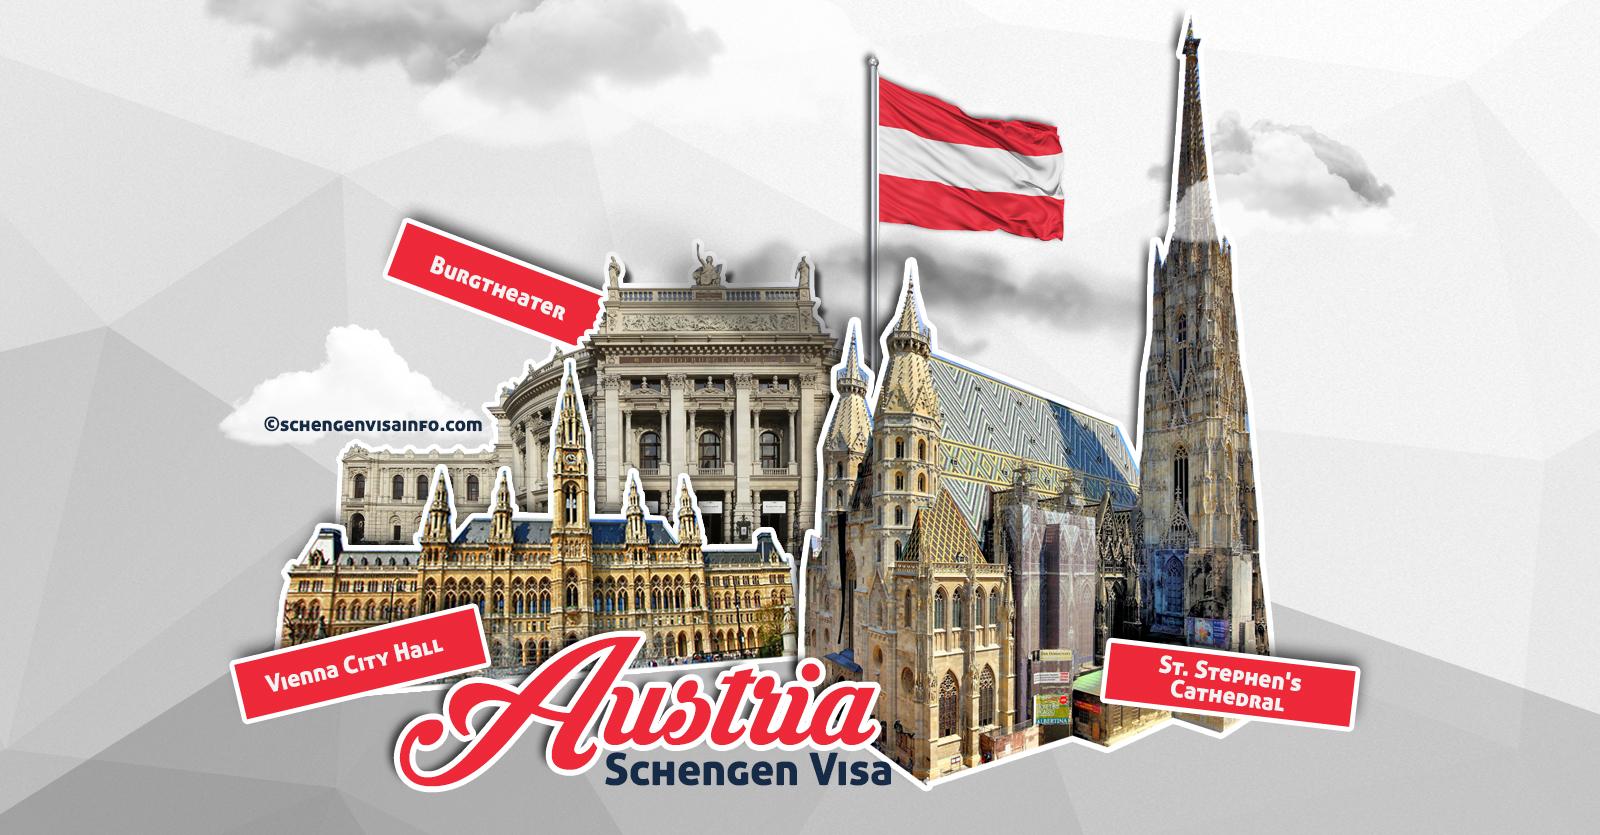 Dịch thuật tài liệu xin visa, dịch thuật công chứng hồ sơ xin visa